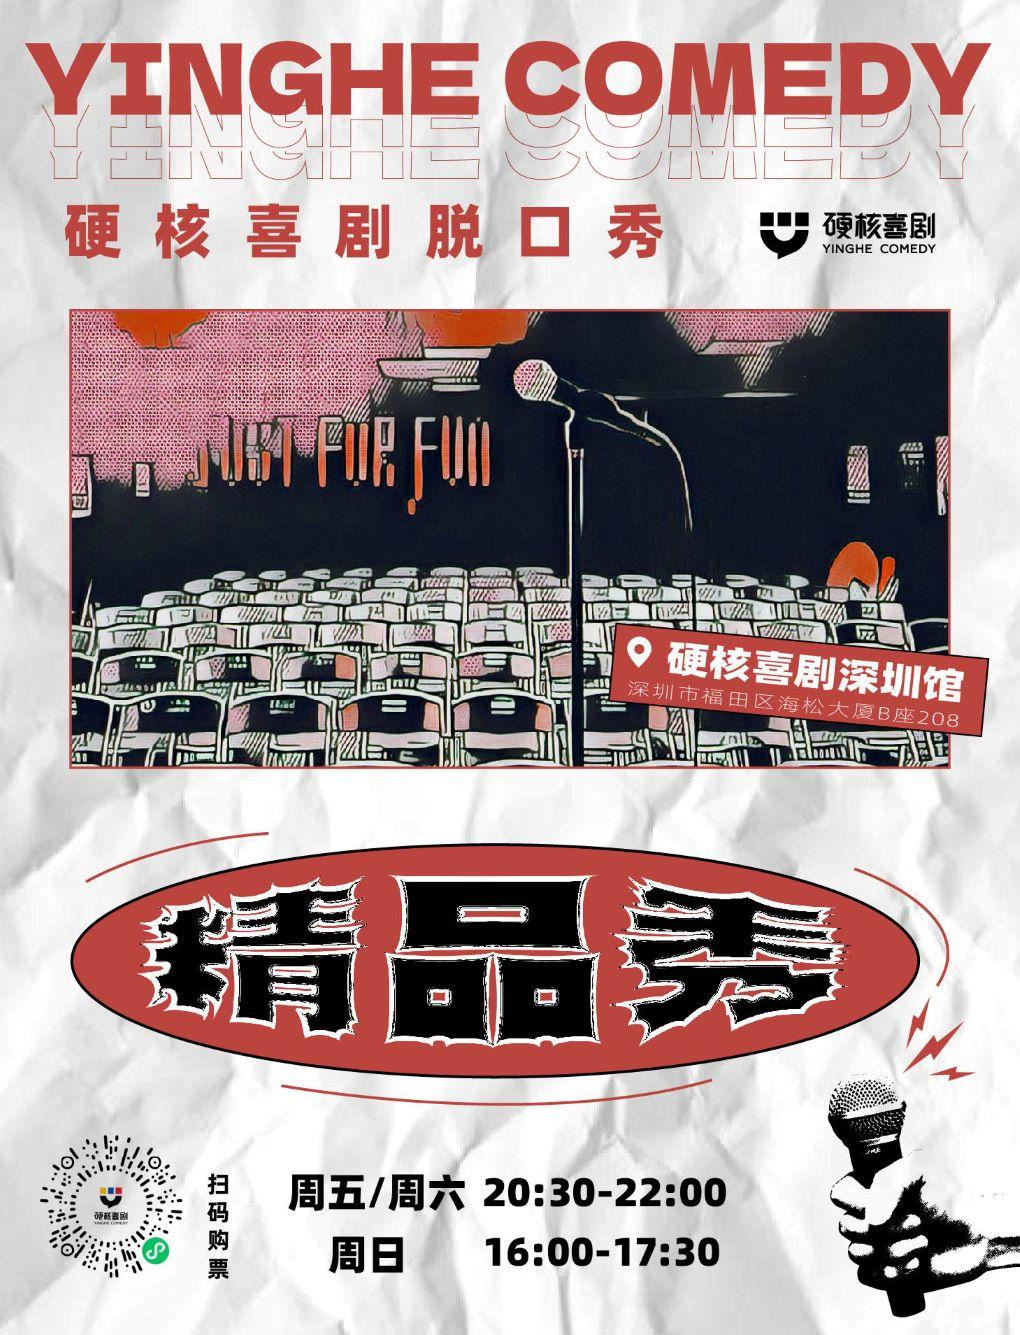 深圳站 脱口秀|硬核喜剧精品秀(车公庙)